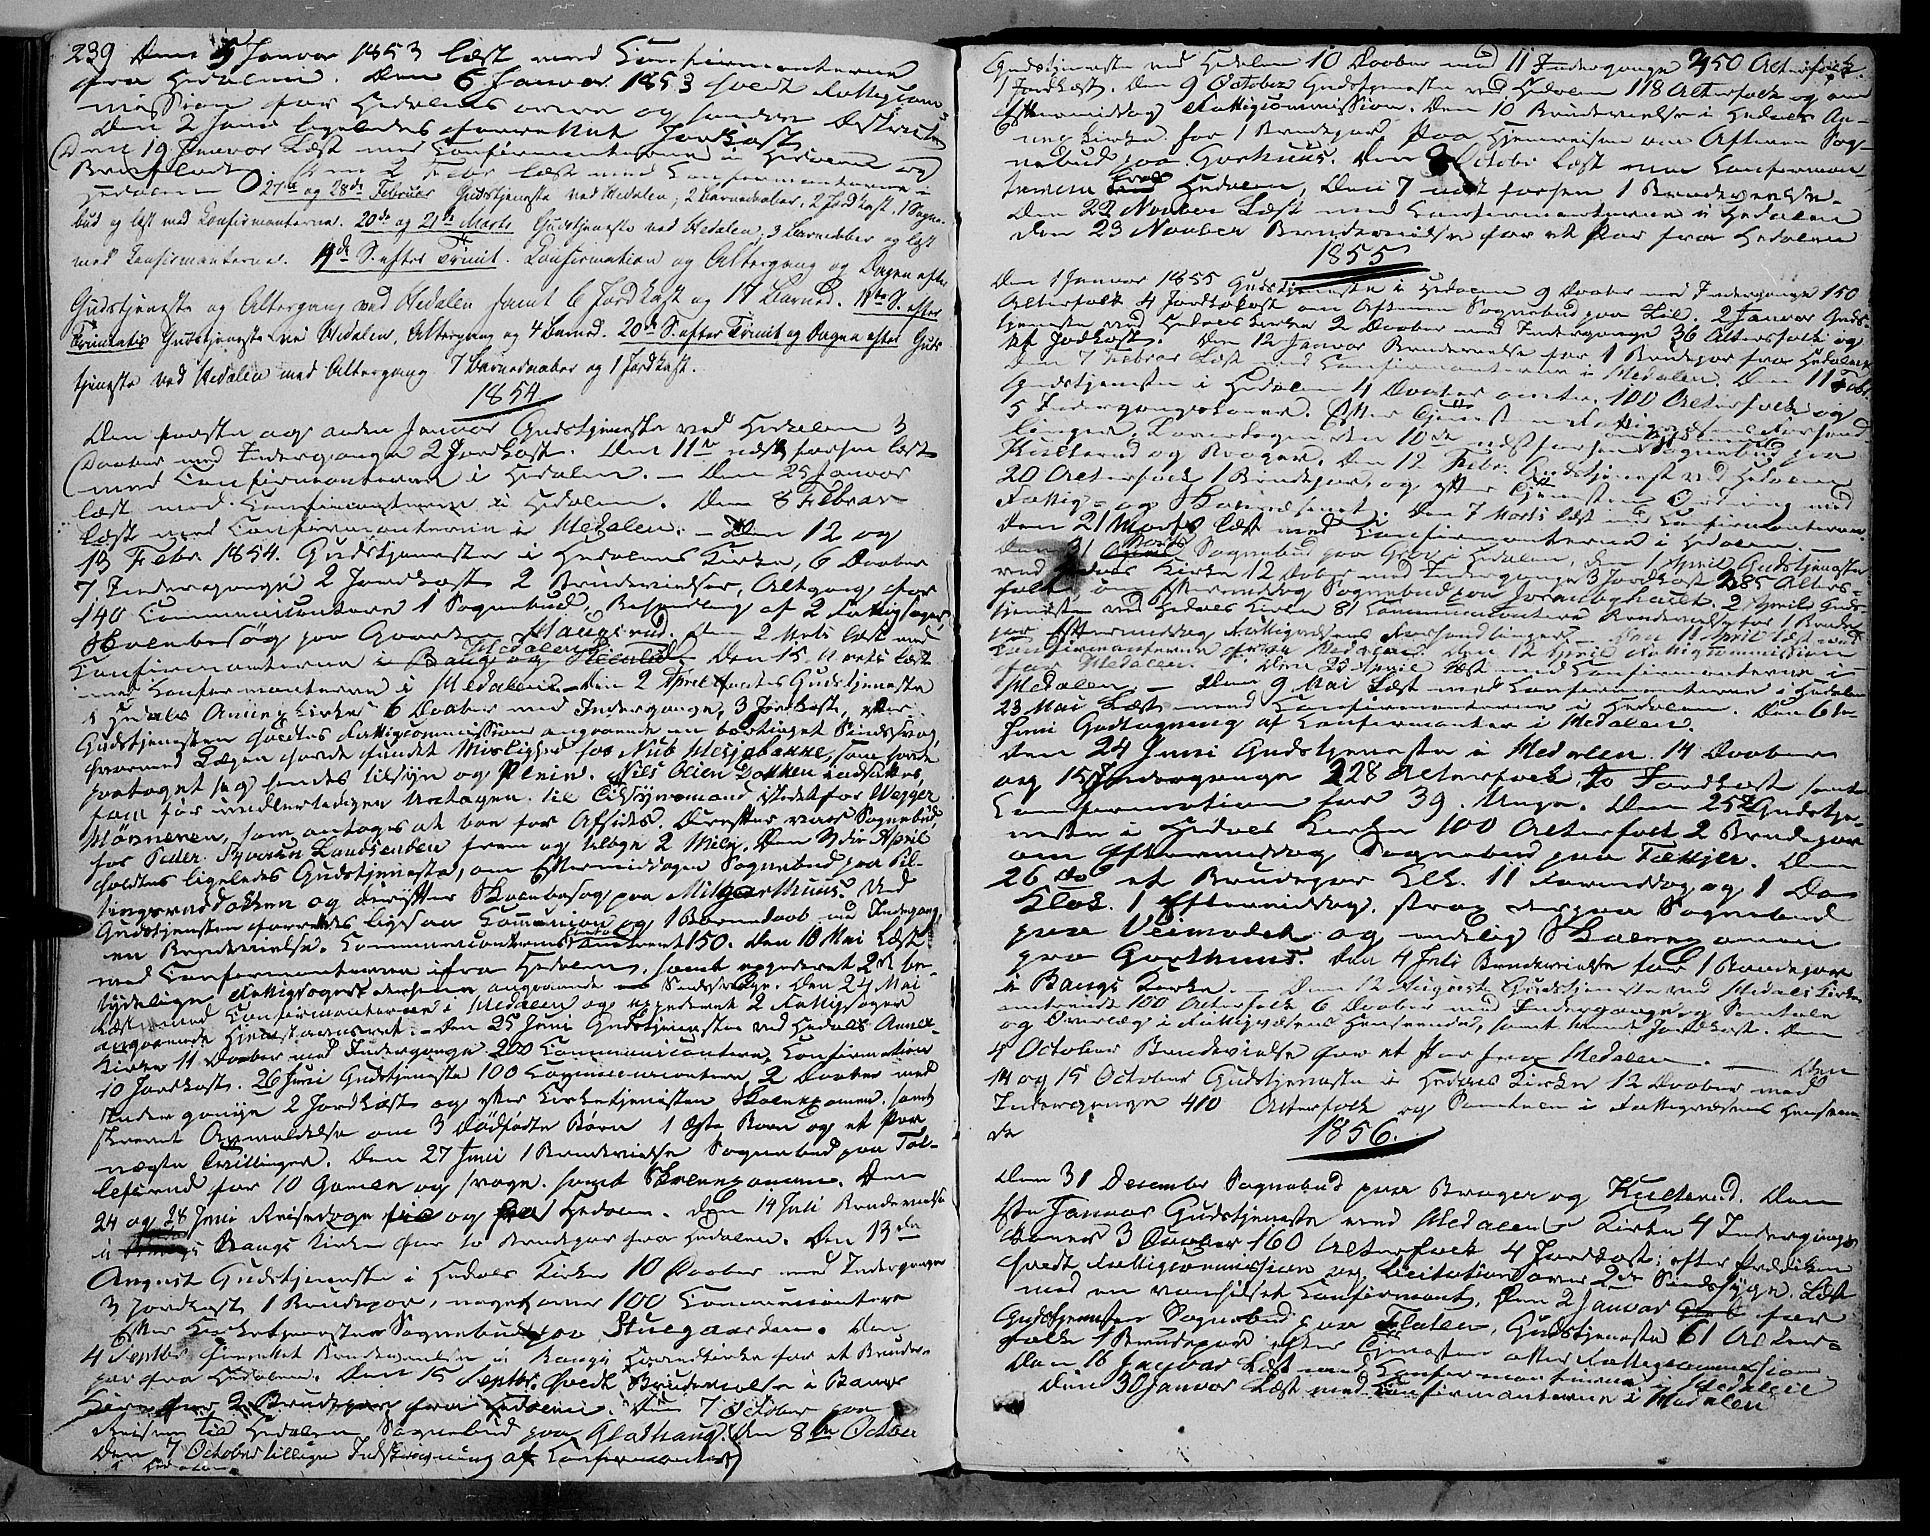 SAH, Sør-Aurdal prestekontor, Ministerialbok nr. 7, 1849-1876, s. 239